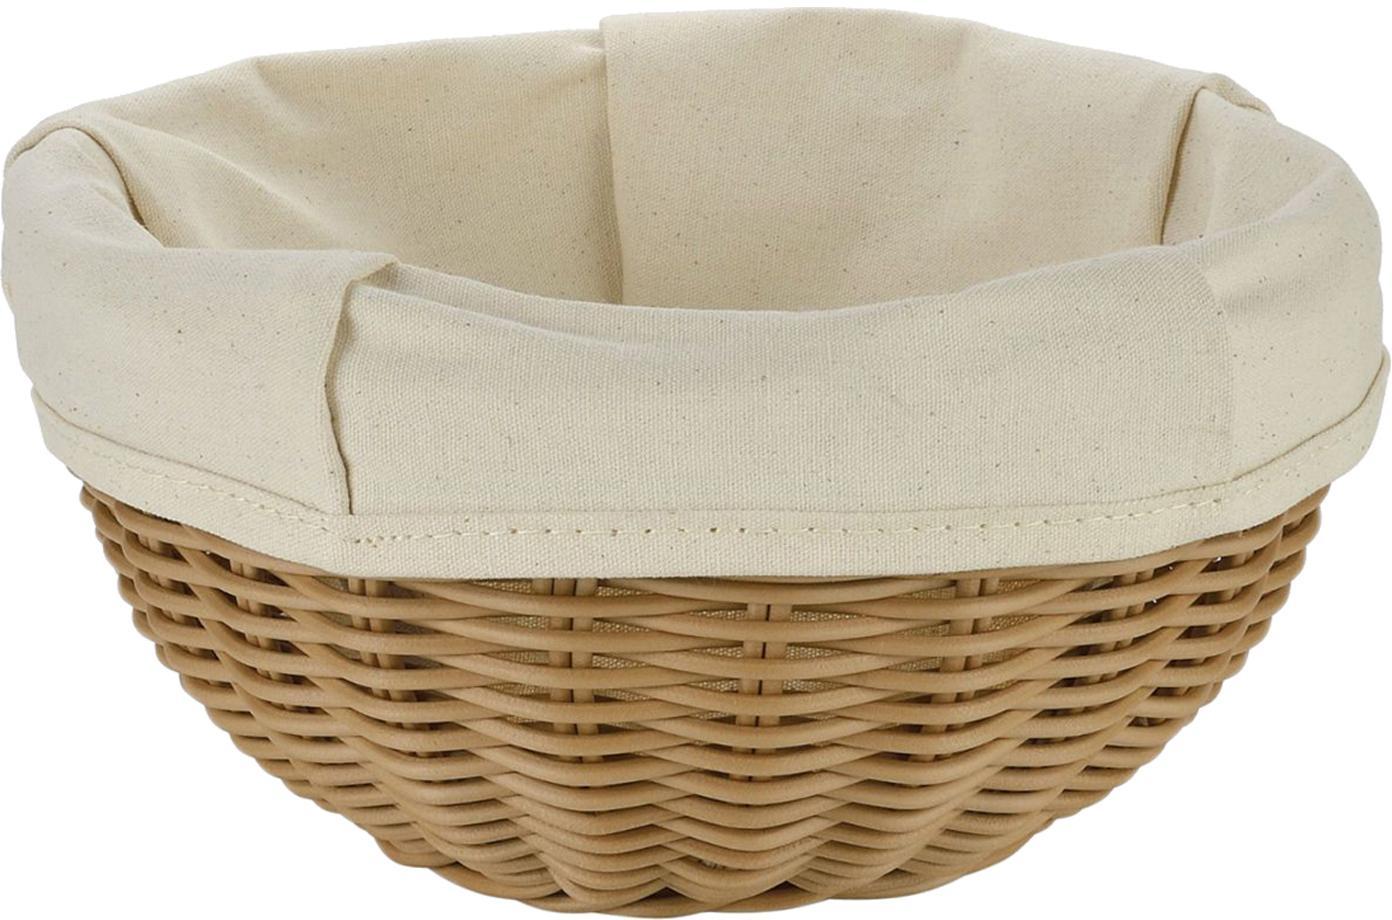 Panera Hally, bolsa extraíble, Cesta: polipropileno (trenza art, Bolsa: algodón, Marrón, beige, Ø 23 x Al 10cm